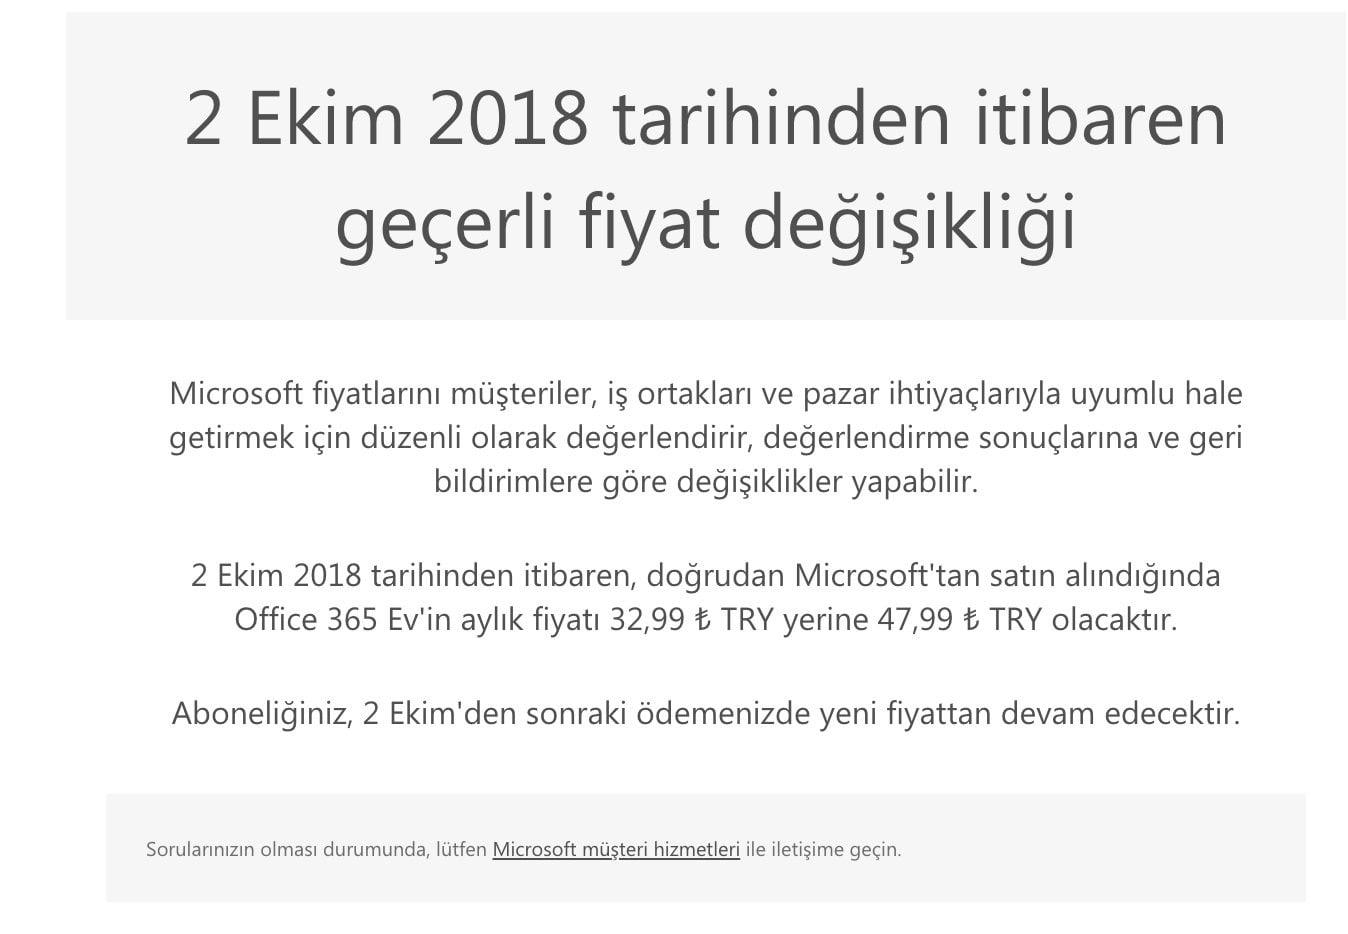 Microsoft Office 365 fiyatı